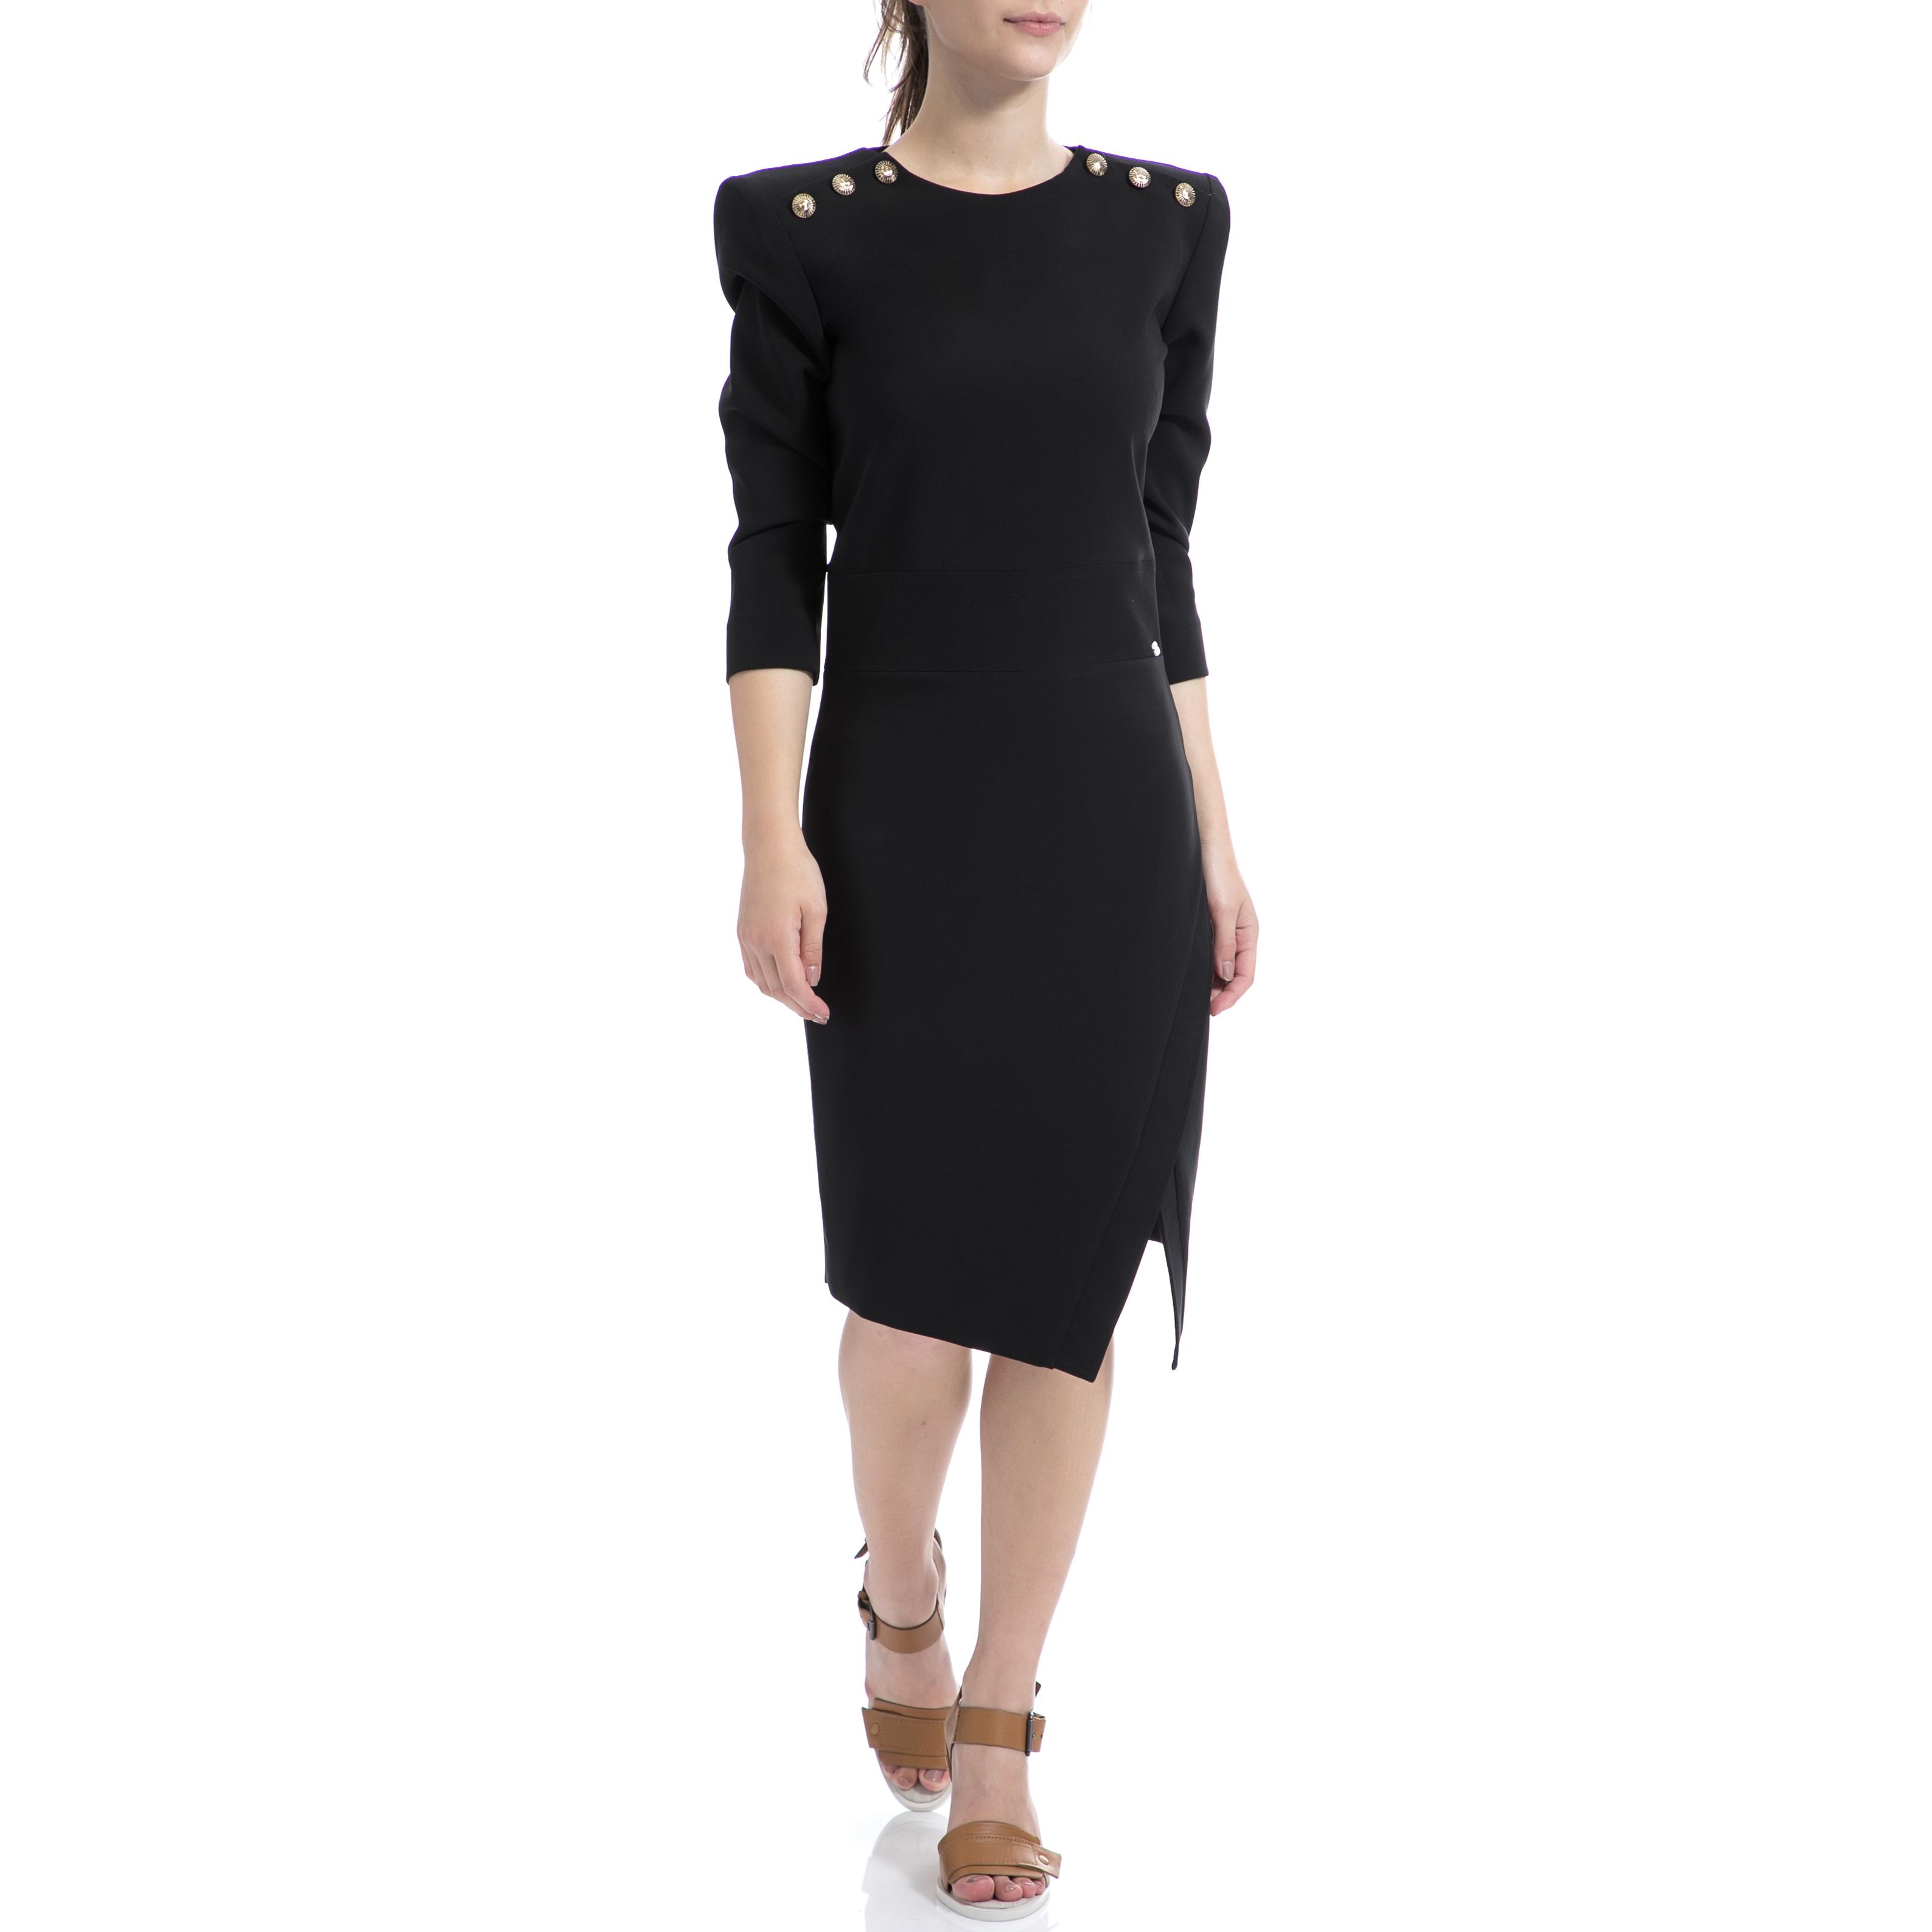 DENNY ROSE - Γυναικείο φόρεμα Denny Rose μαύρο γυναικεία ρούχα φορέματα μέχρι το γόνατο